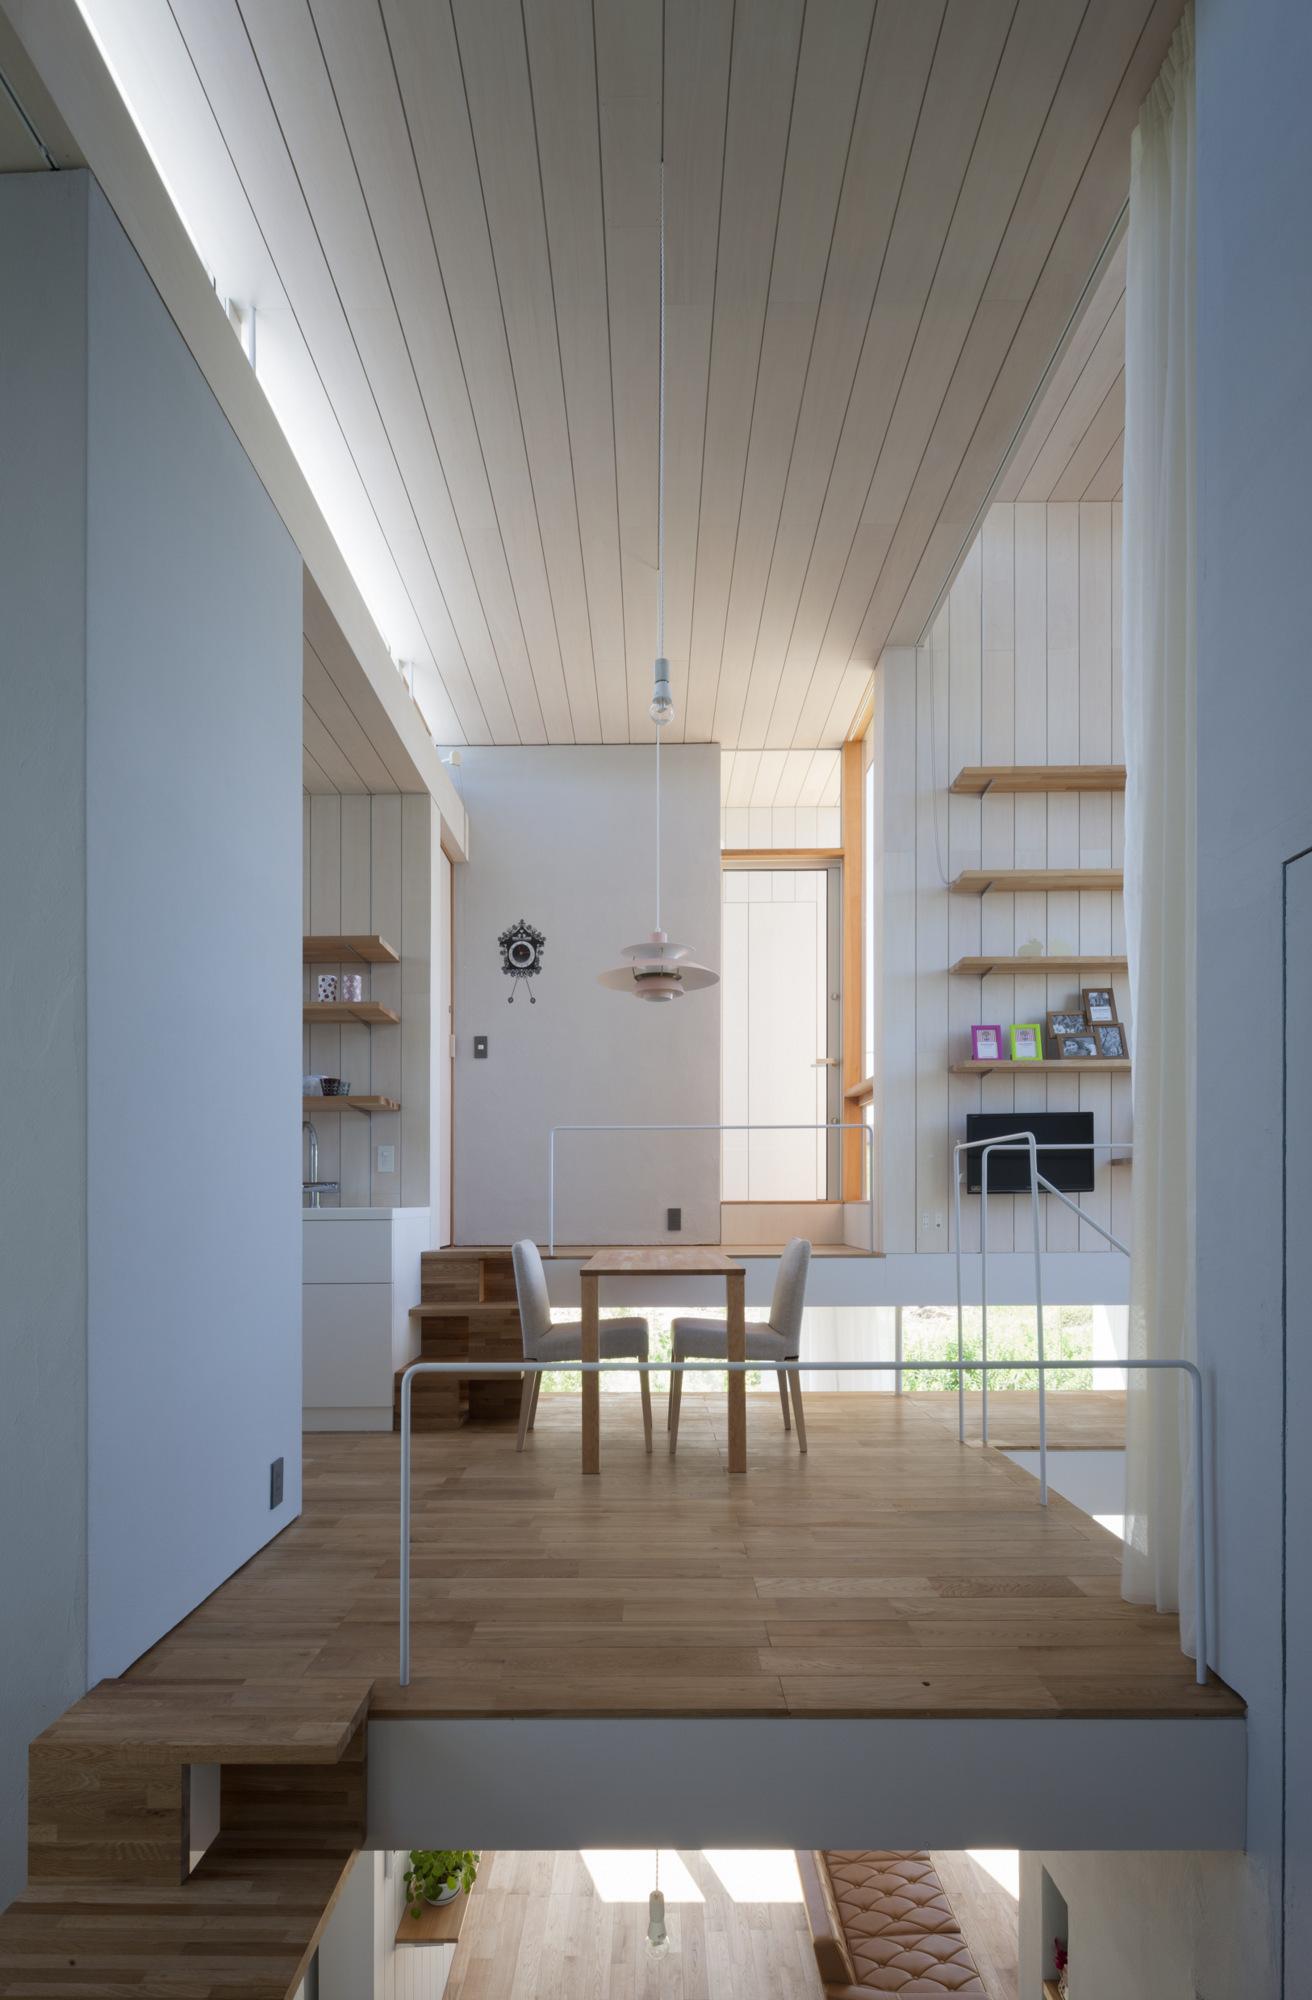 House Passage of Landscape / Ihrmk (6)